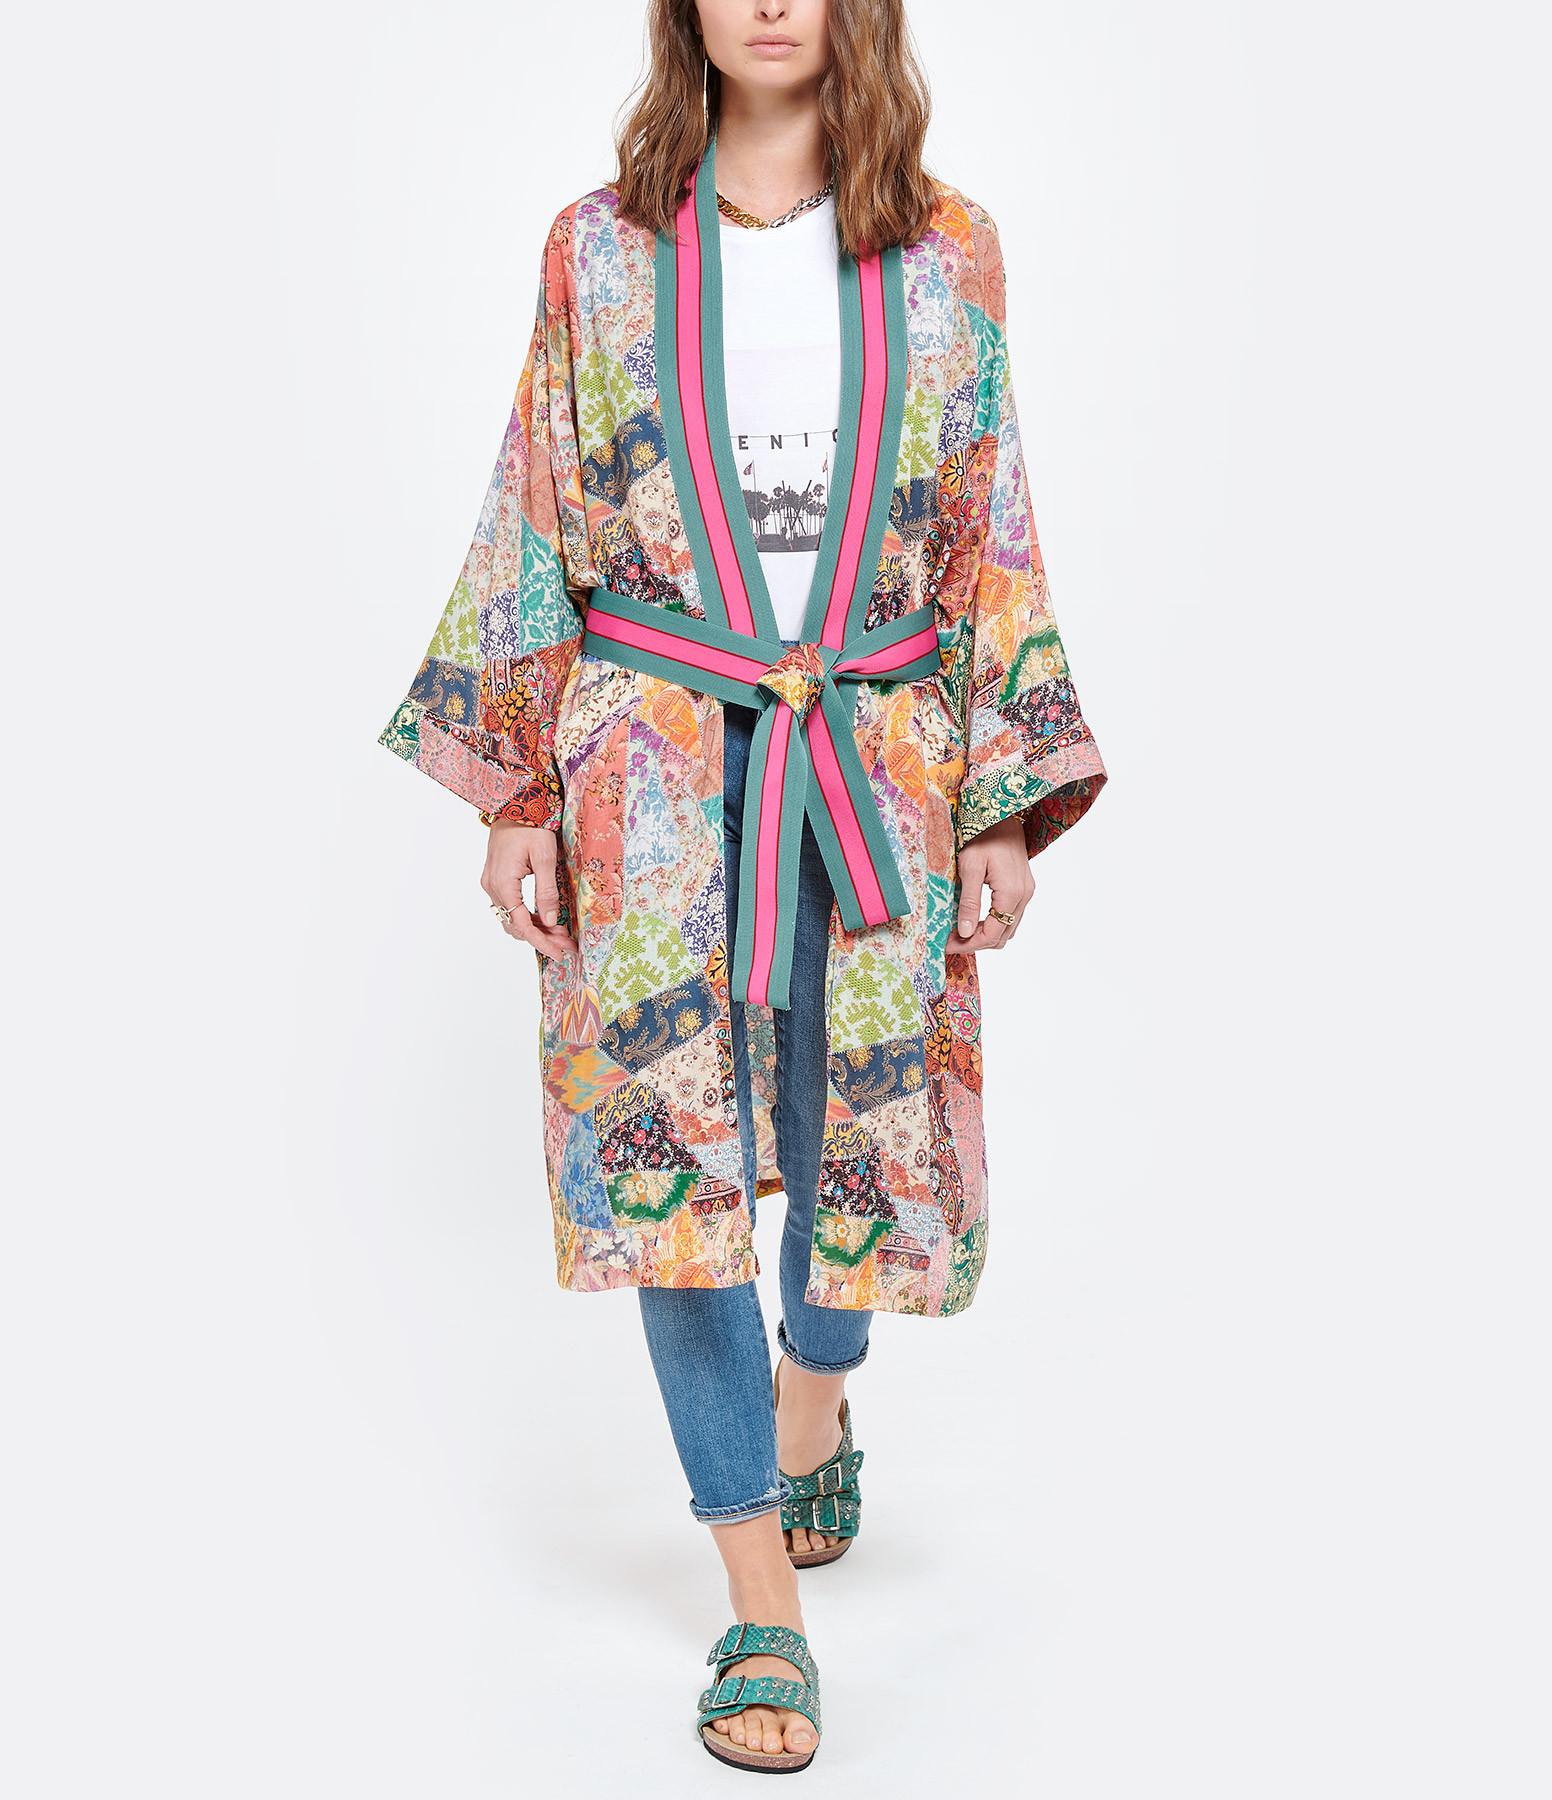 MAISON HAUSSMANN - Kimono Crêpe Kallaw Imprimé